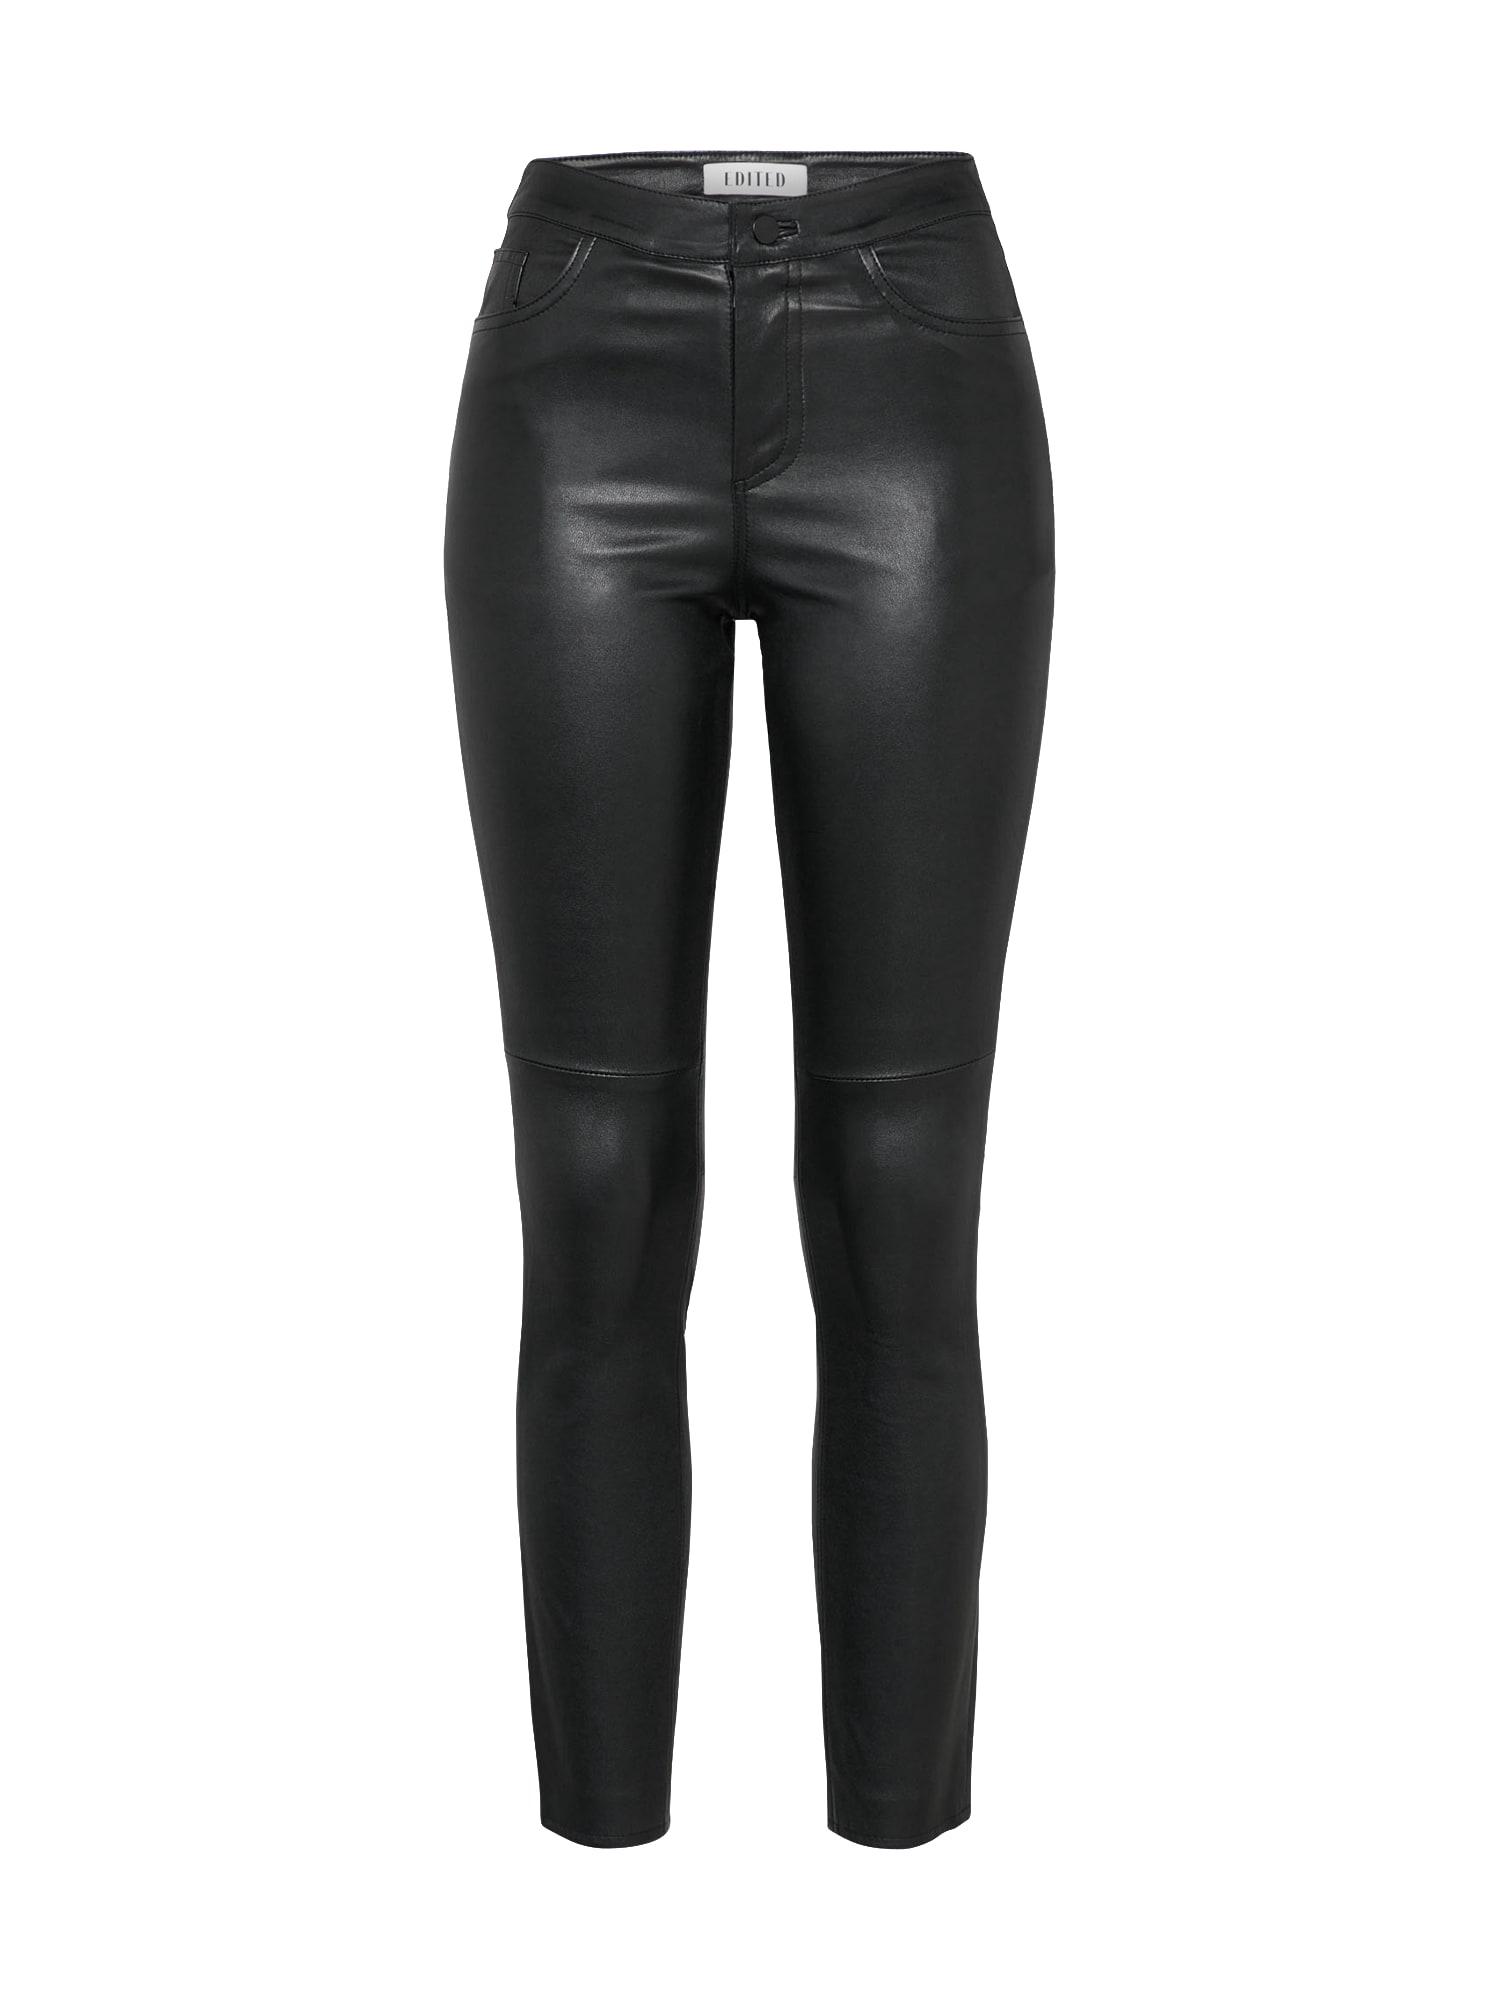 88795fe85fd Dames broeken online kopen   Fashionchick.nl   De broeken trends